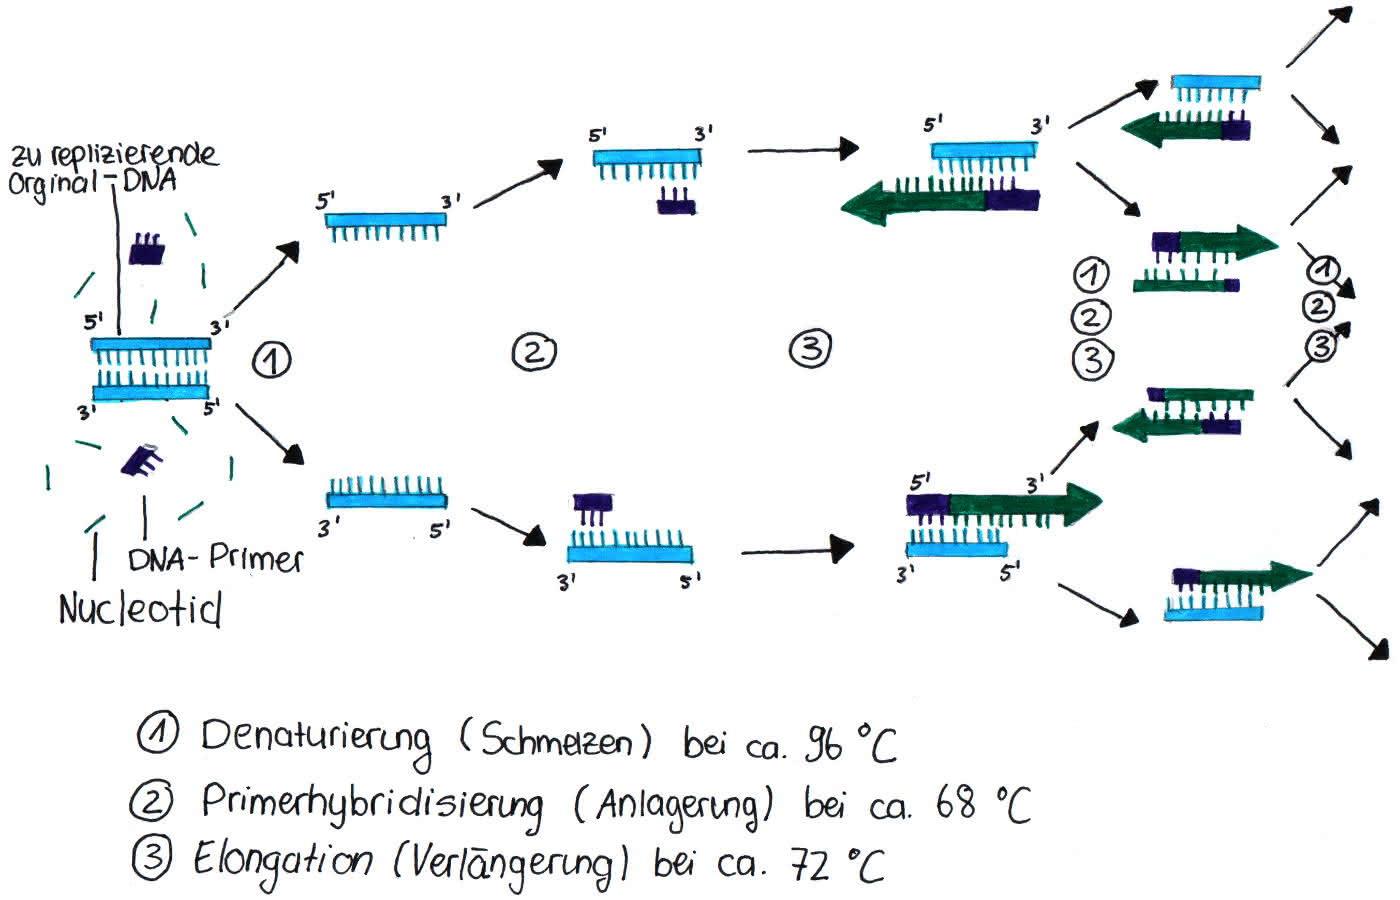 Genetik: PCR - die Polymerase-Kettenreaktion zur DNA-Vervielfältigung